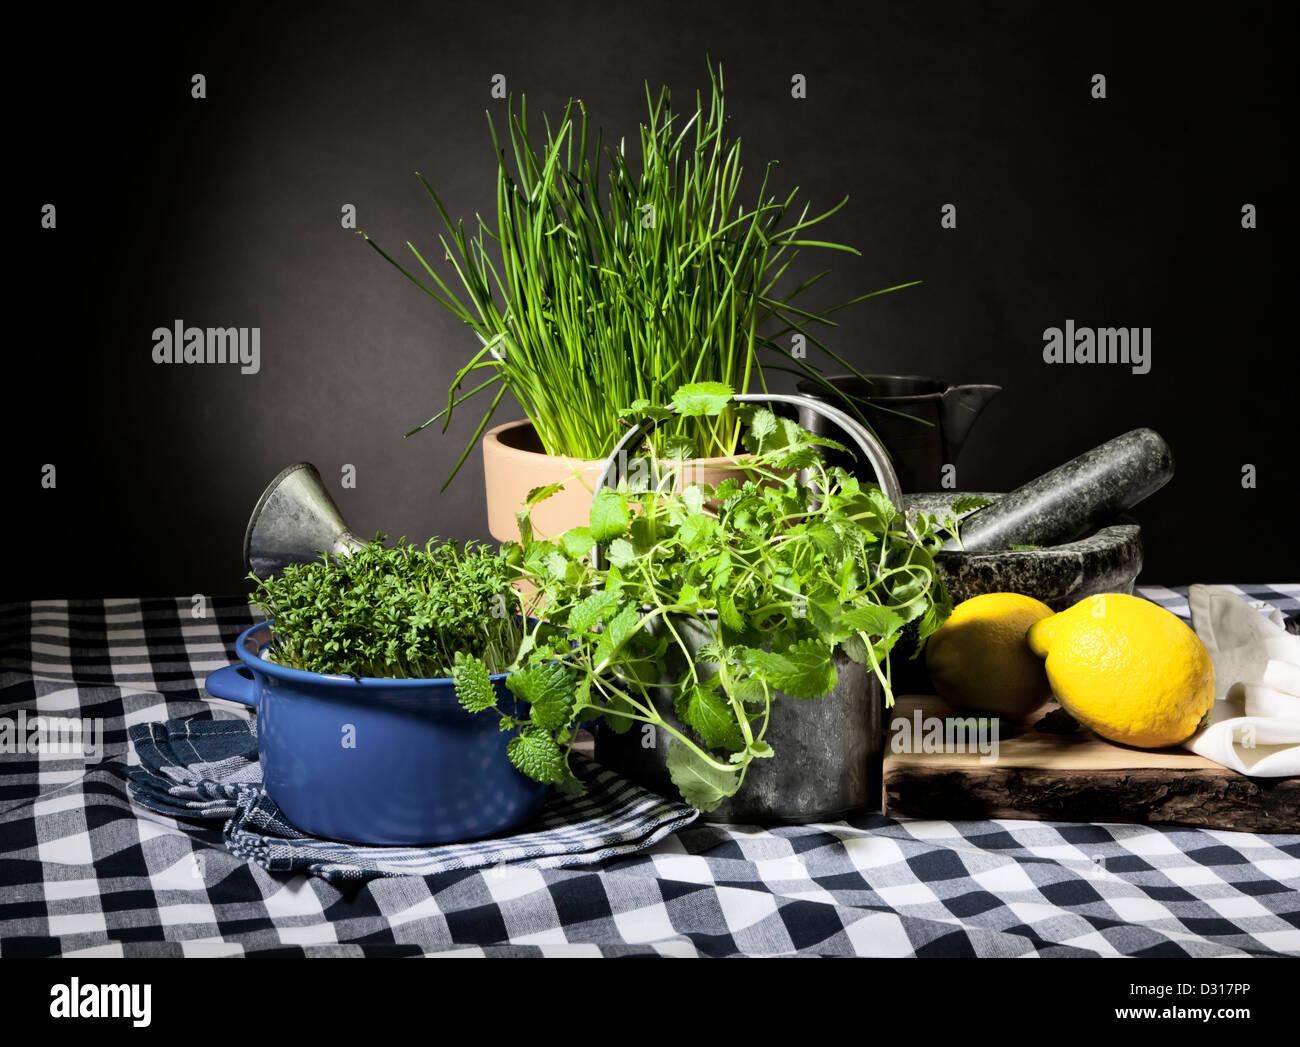 Ancora vita con erbe fresche e utensili da cucina Immagini Stock